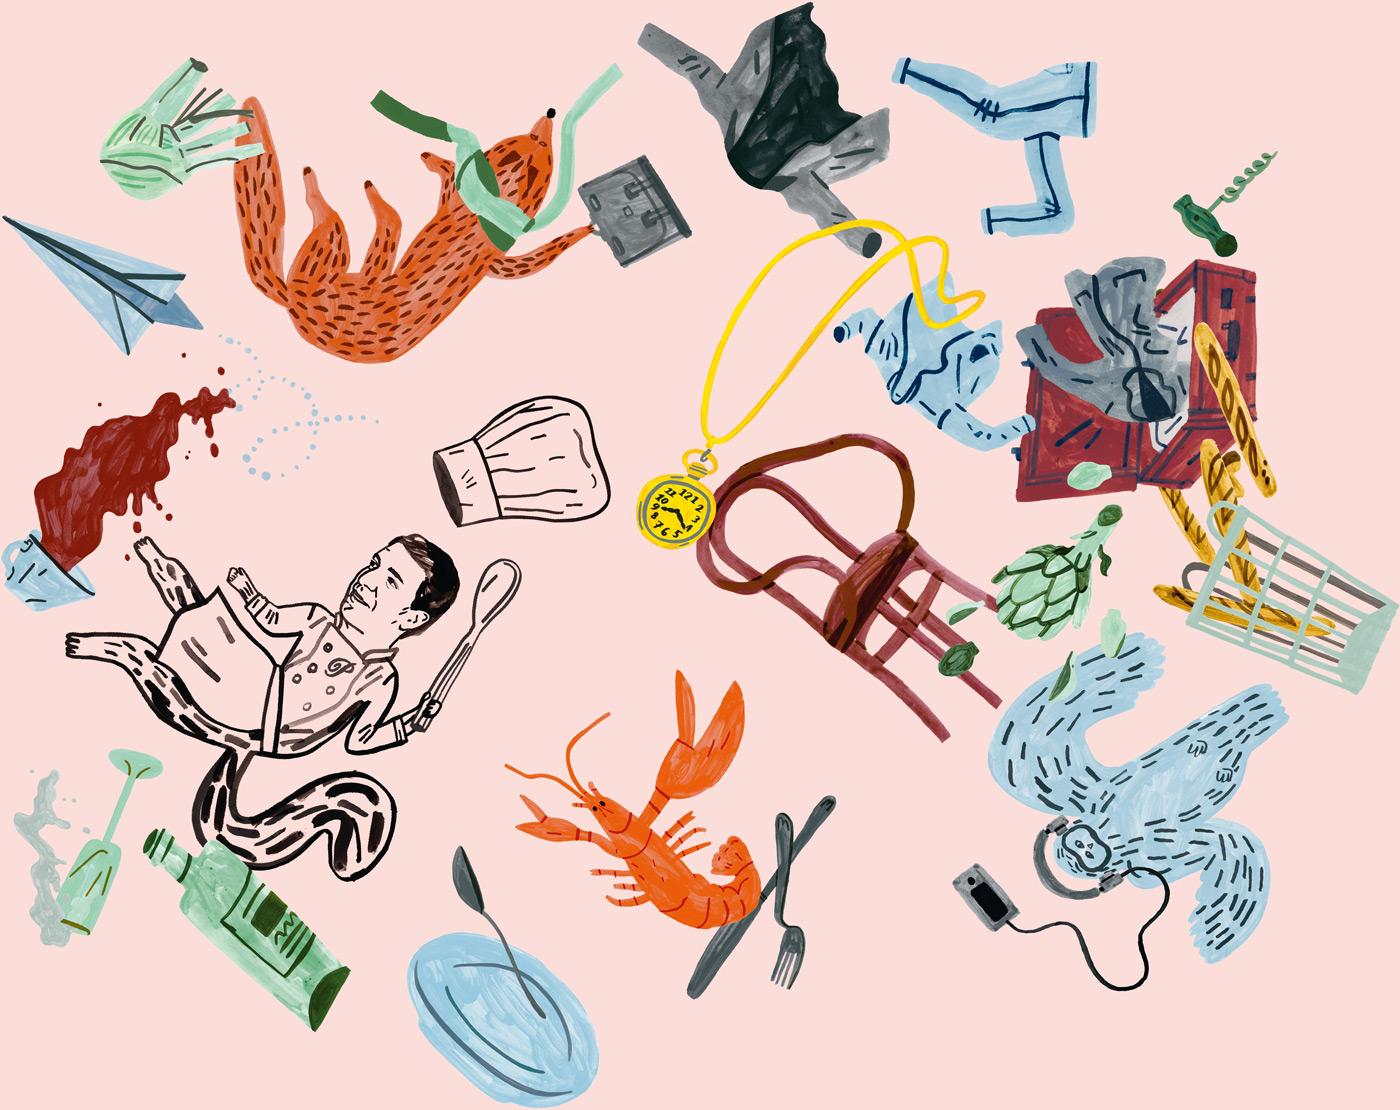 03-Pontus-In-The-Air-Branding-Illustration-Bold-Stockholm-Sweden-BPO